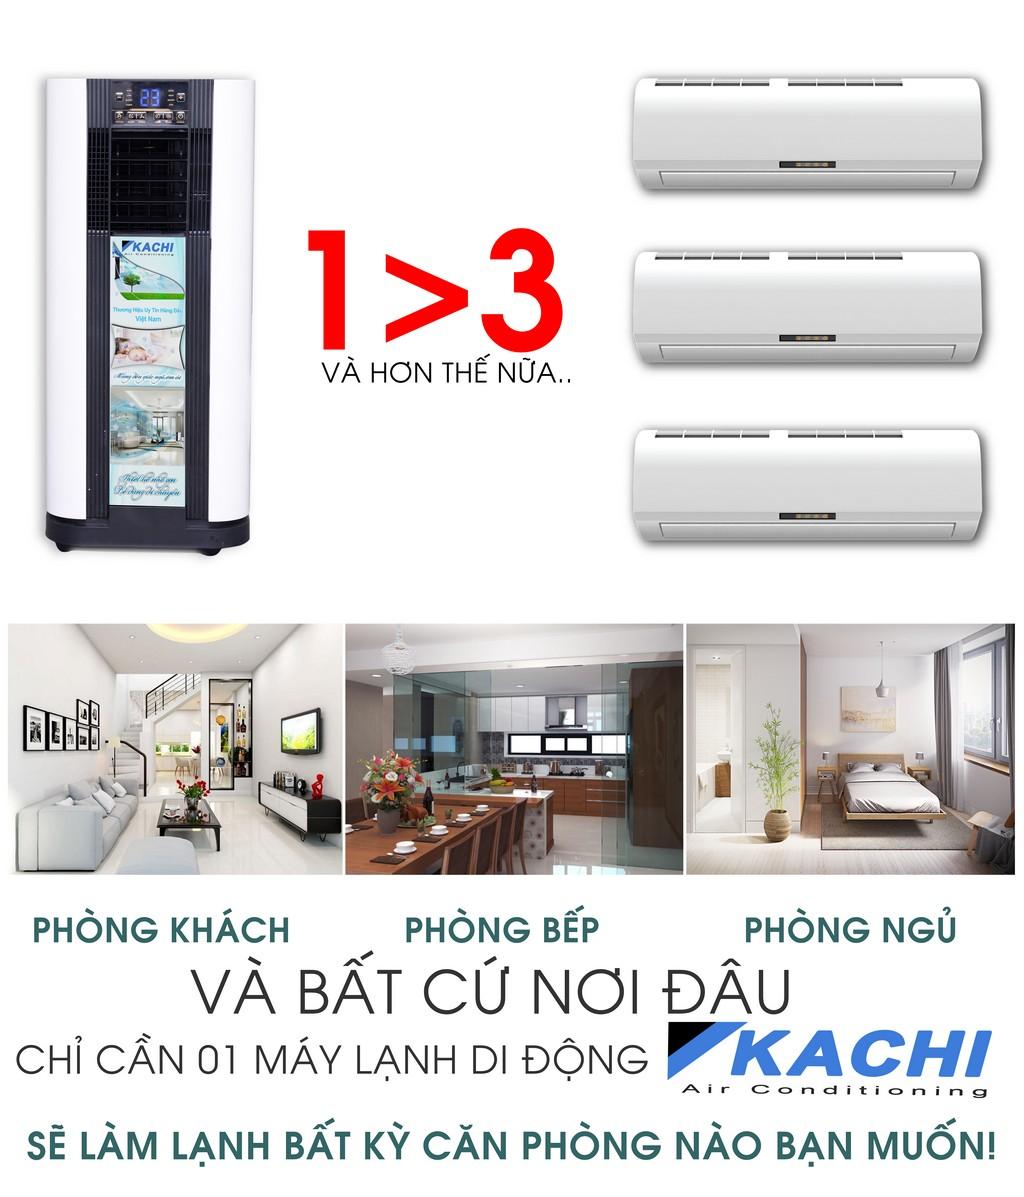 Máy lạnh di động Kachi sản phẩm 3 trong 1